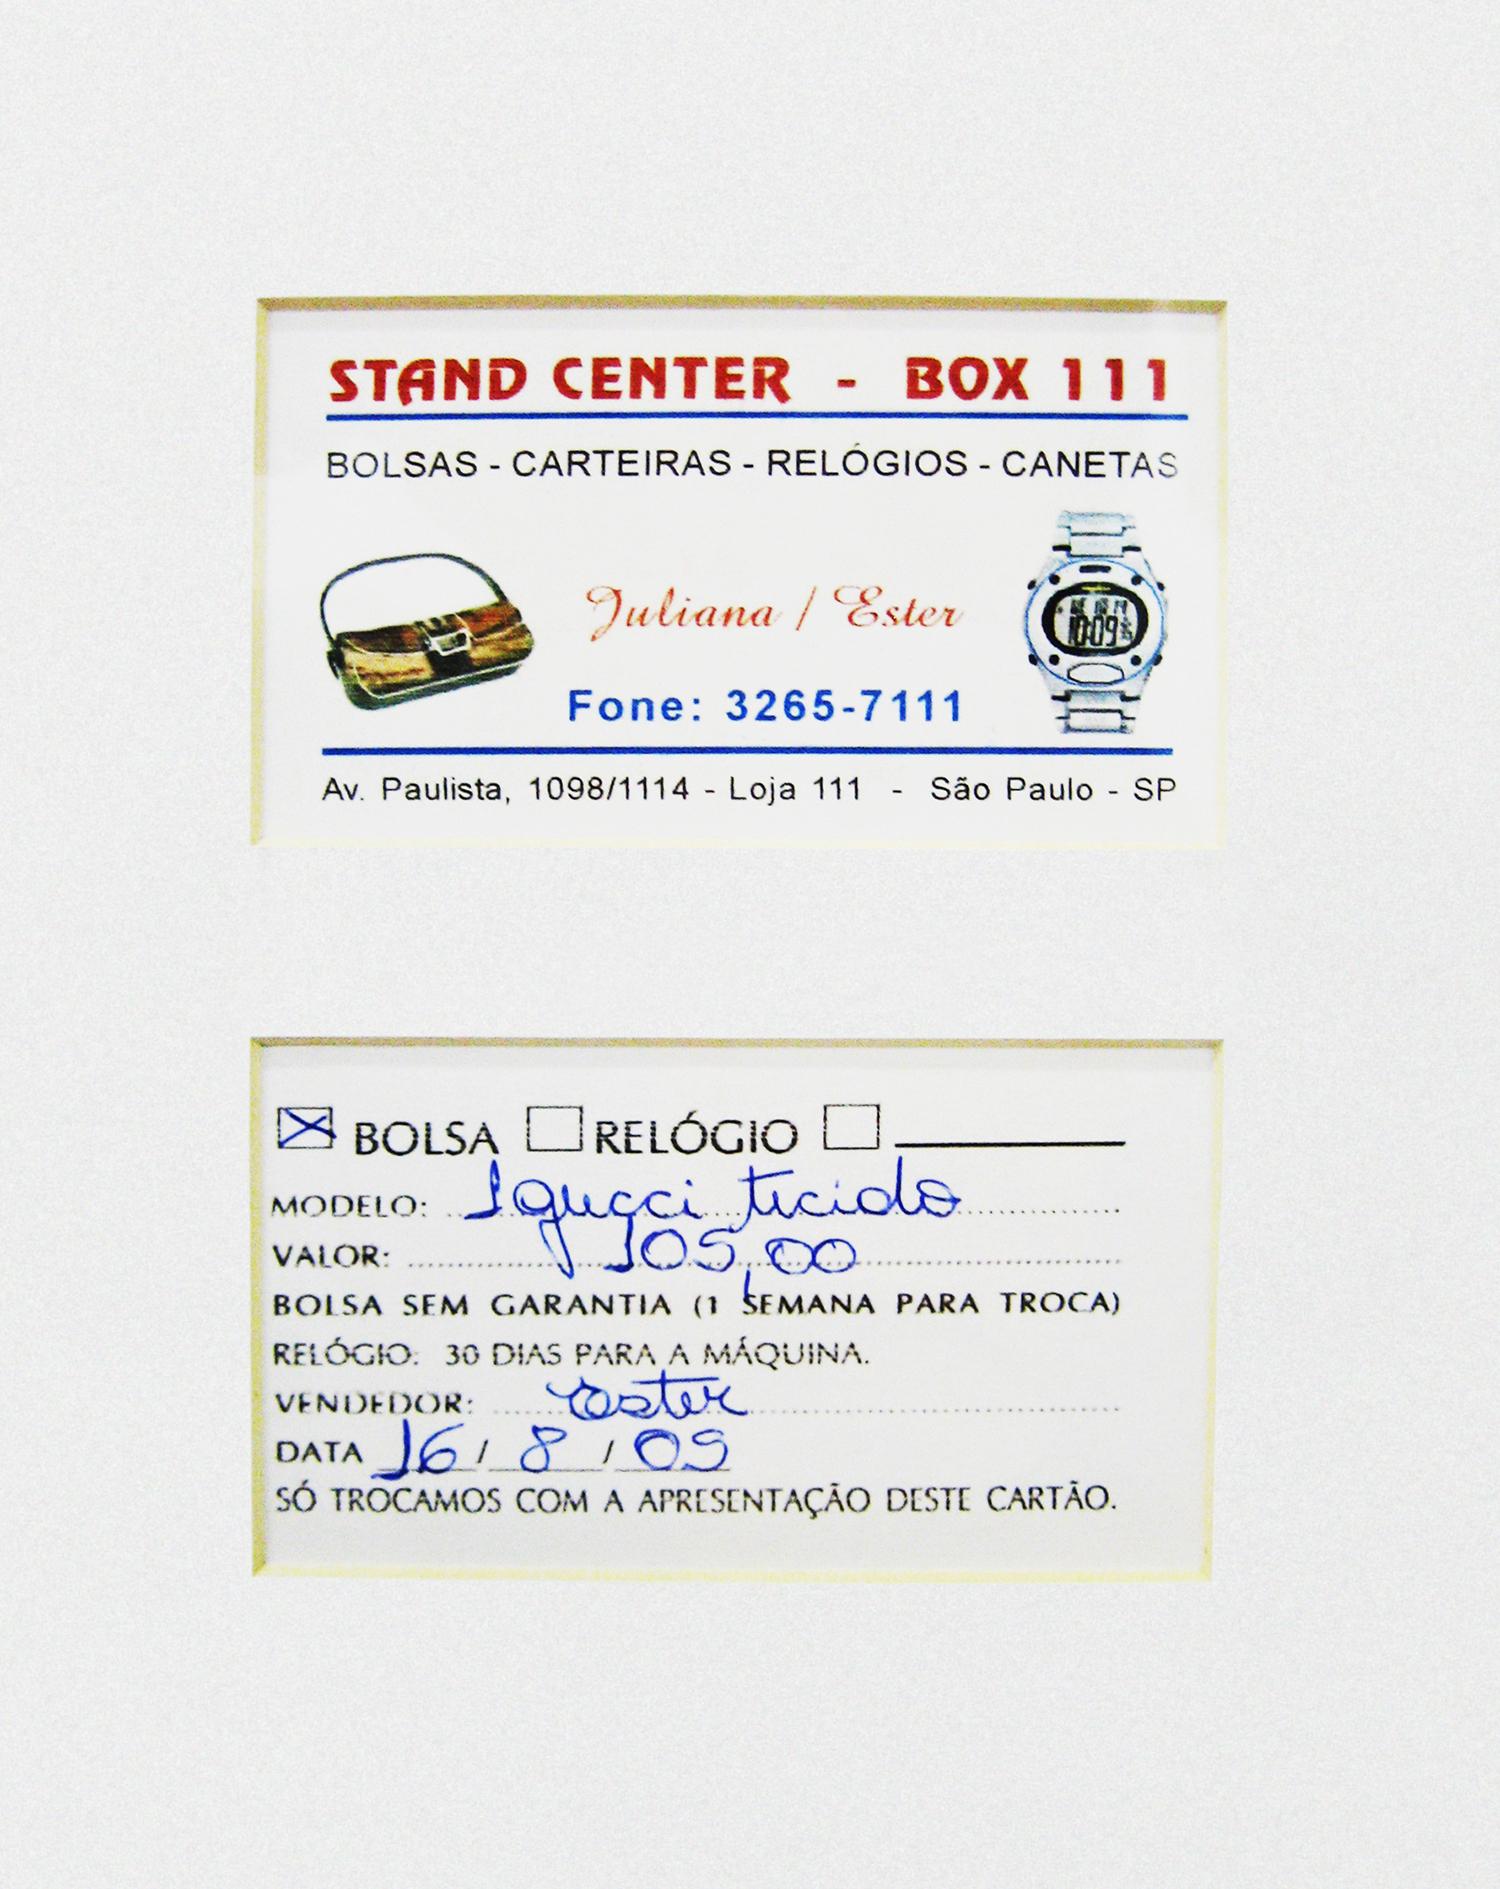 Gucci: R$ 105,00 (série O Que Te Seduz) (detalhe) •  2003/2004 •  Fotografia, impressão digital, recibo de compra •  120 x 80 cm, 30 x 30 cm (díptico)